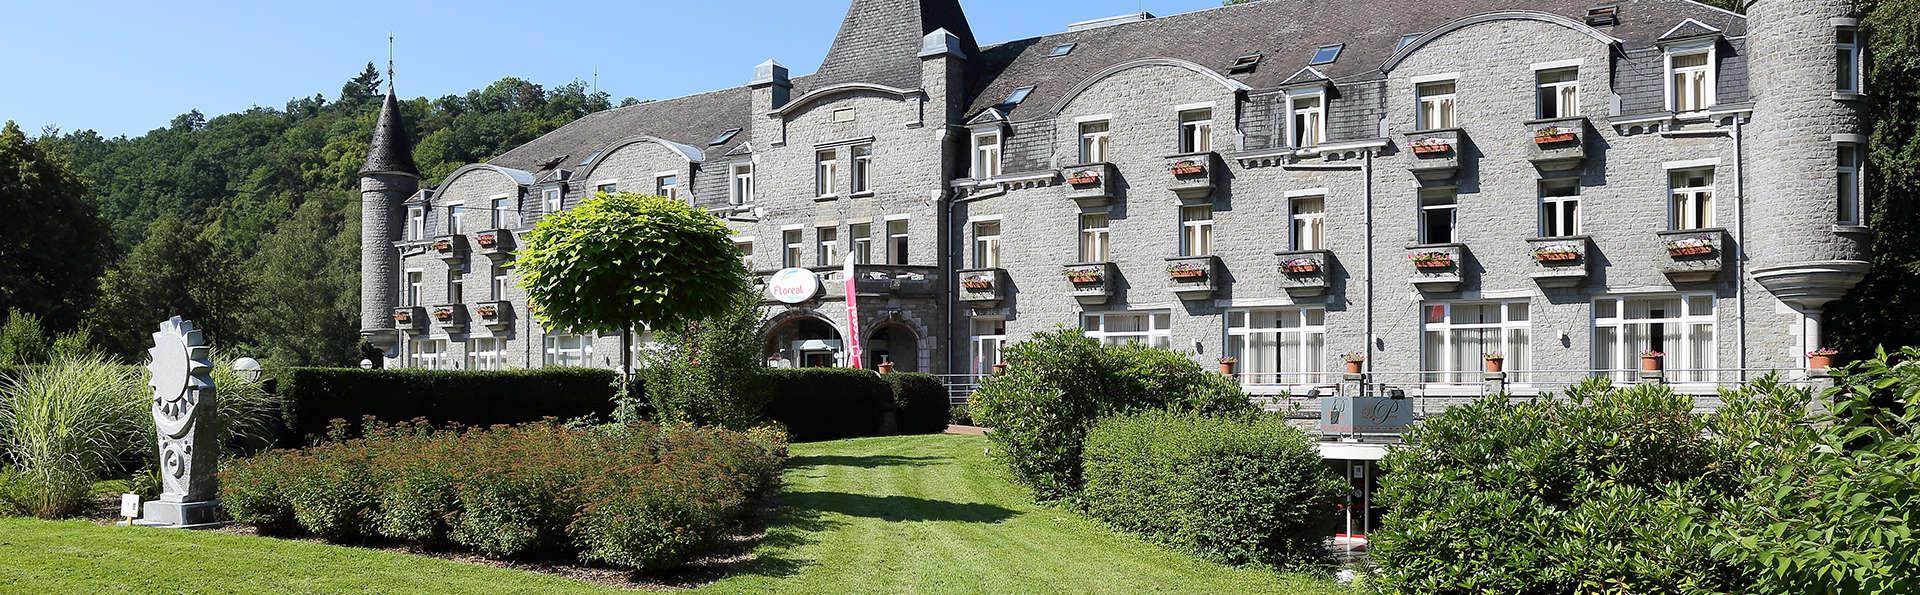 Floréal La Roche-en-Ardenne - EDIT_front1.jpg